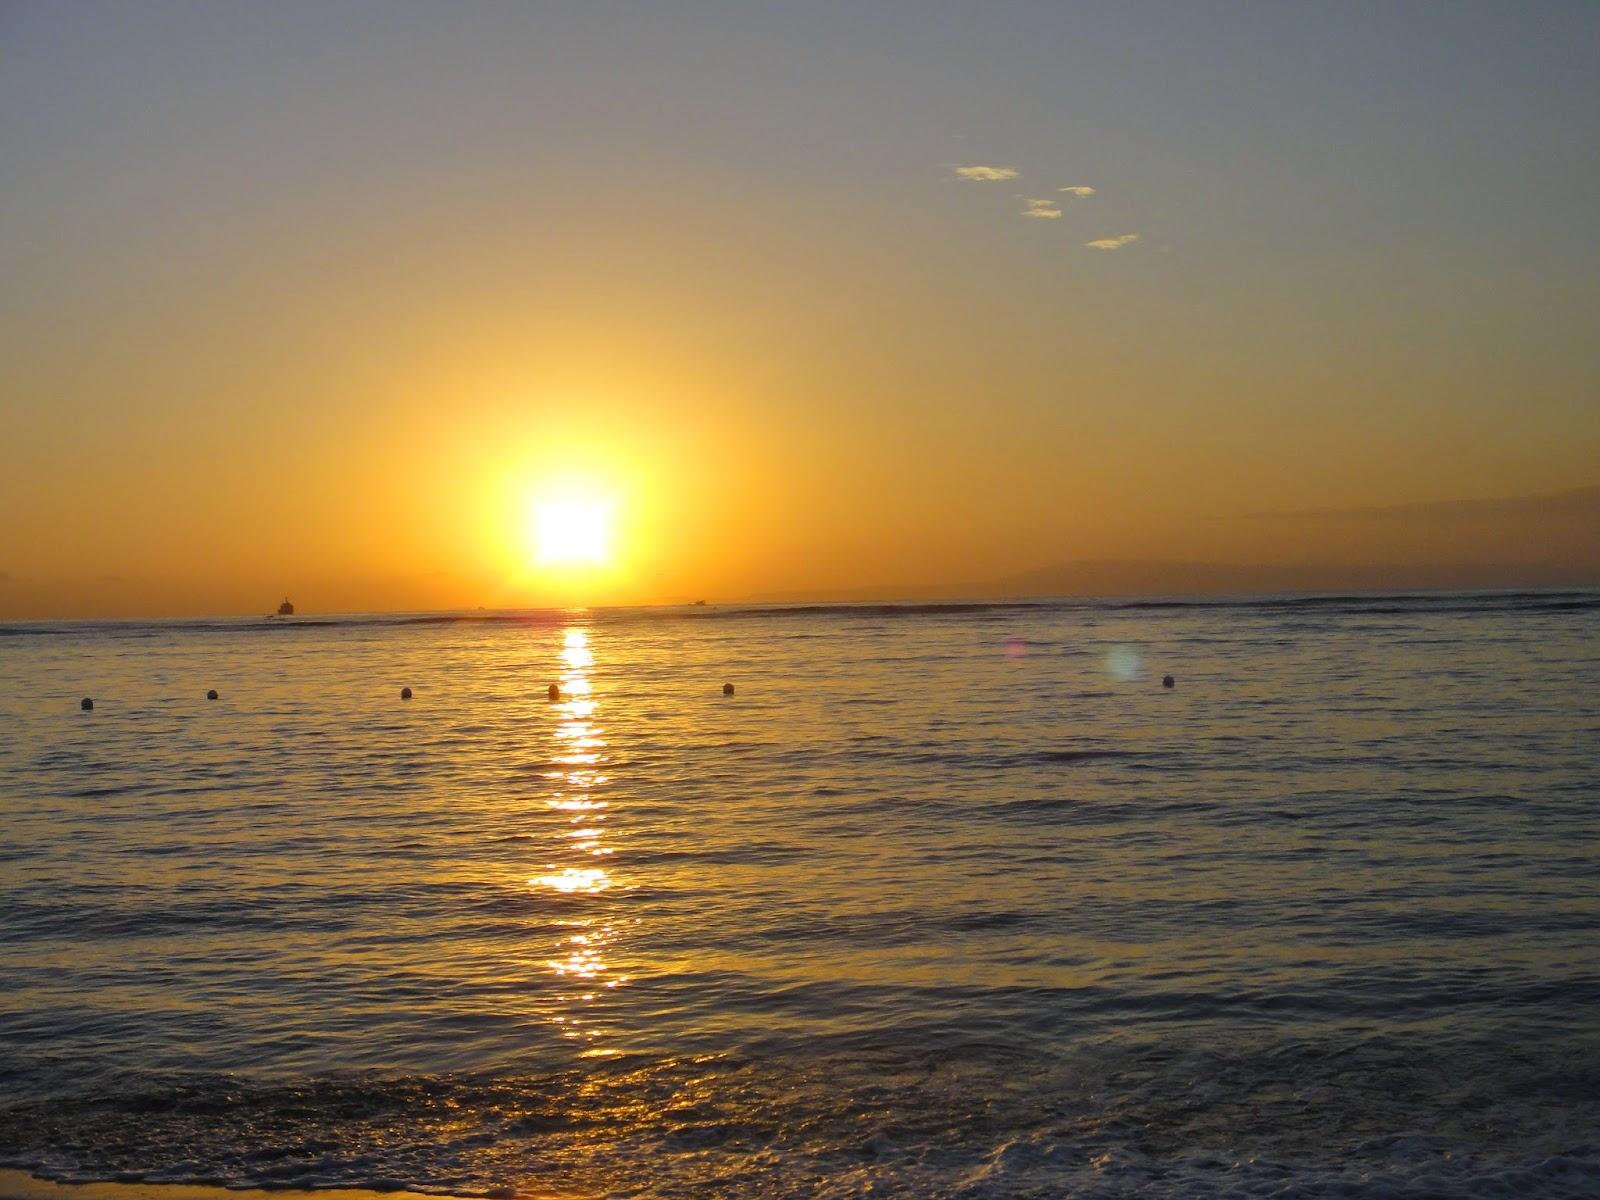 Sunrise in Bali at Tanjong Benoa Beach